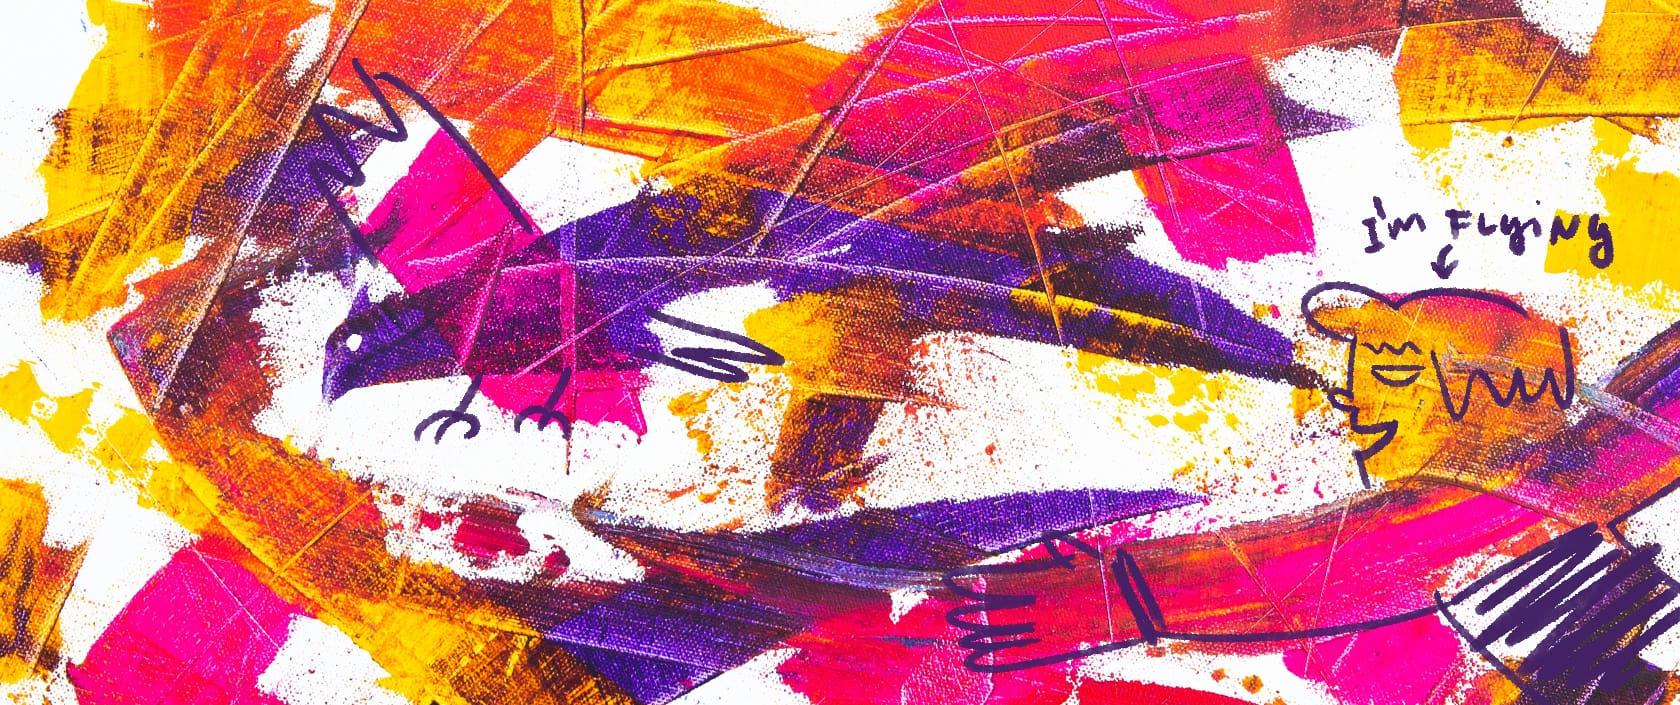 03_Lesson-Image-Banner-min.jpg